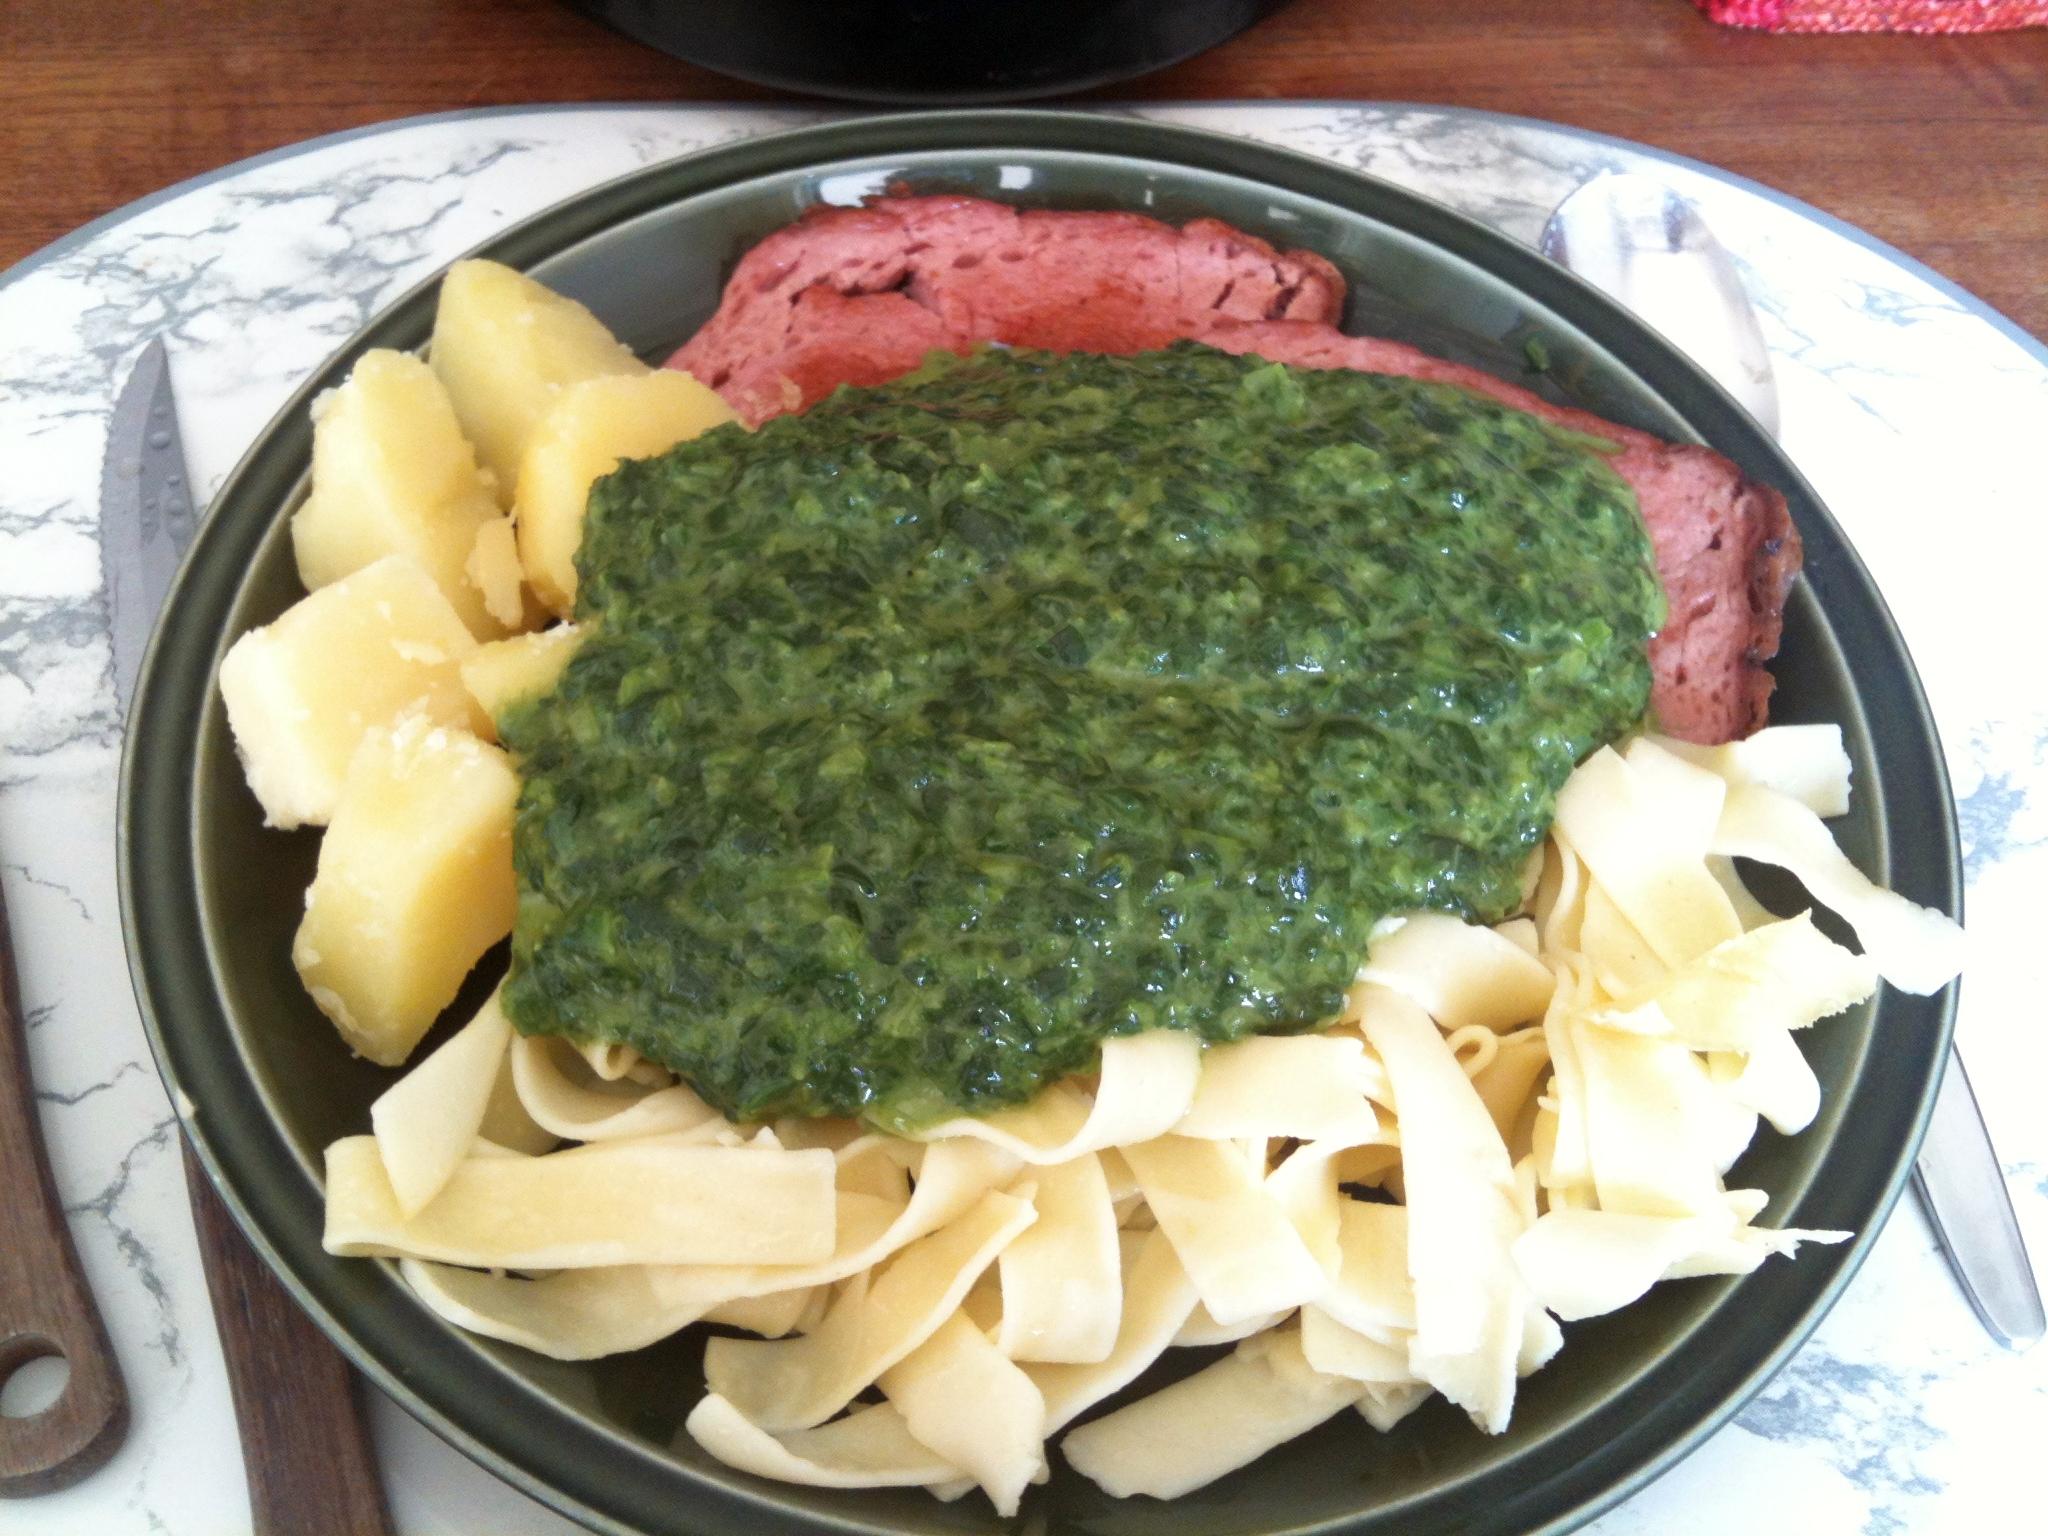 https://foodloader.net/nico_2012-08-29_spinat-mit-fleischkaese-kartoffeln-und-nudeln.jpg